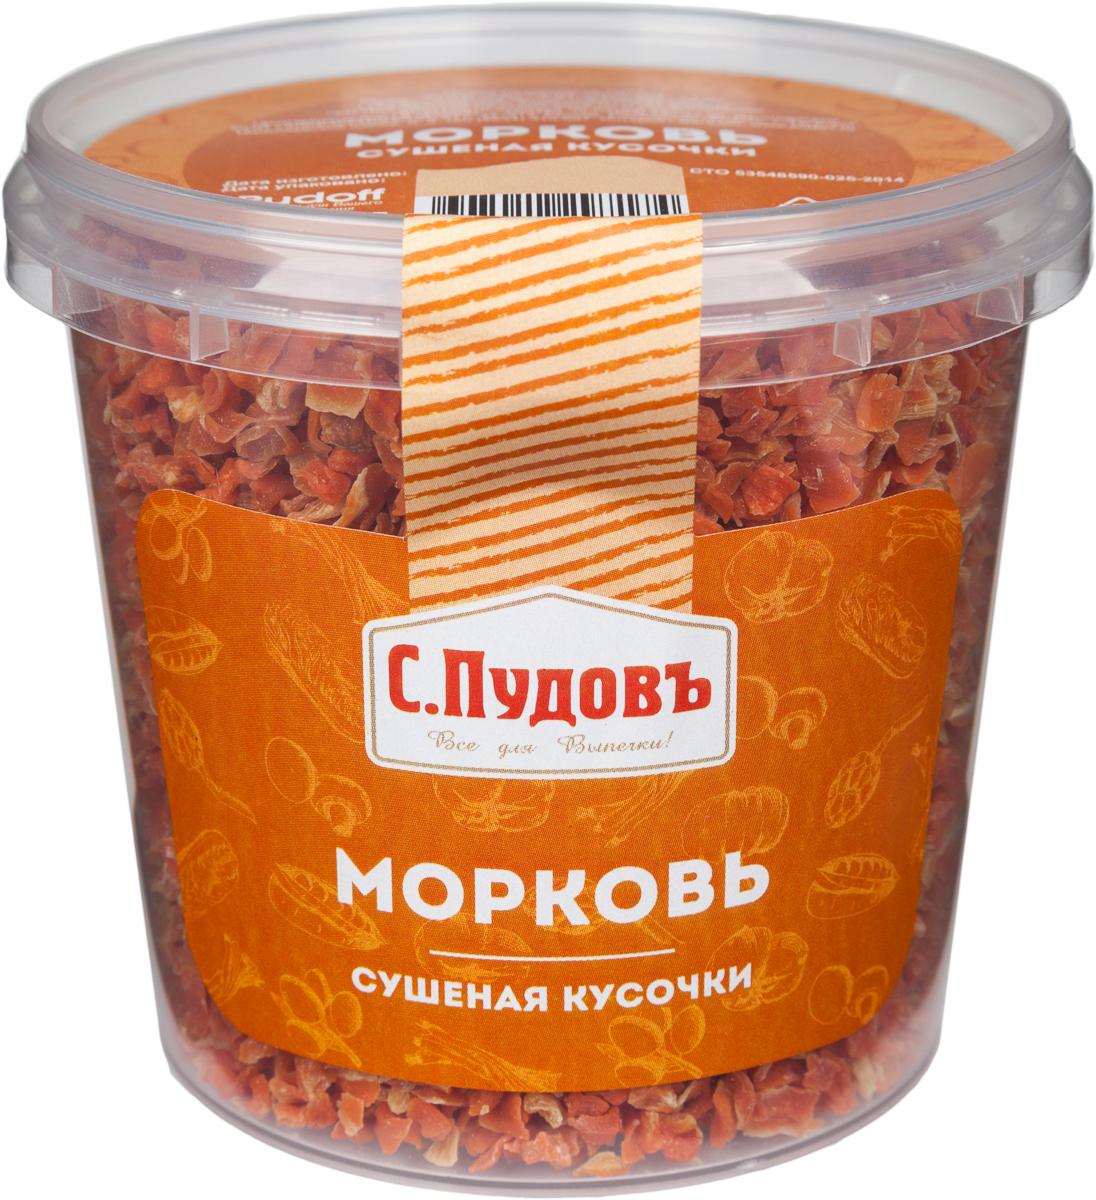 Пудовъ морковь сушеная кусочки, 180 г4607012297174Морковь сушеная широко используются в приготовлении различных видов выпечки — можно добавлять непосредственно в тесто, а можно посыпать сверху для красоты. Подходят для любых видов хлеба, пирогов. Важно помнить, что чем больше в тесте будет начинки, тем меньше муки, а следовательно тесто не сможет высоко подняться. В моркови содержится большое количество полезного вещества каротина, который не заменим для глаз, а также калия, железа, фосфора и фолиевой кислоты.